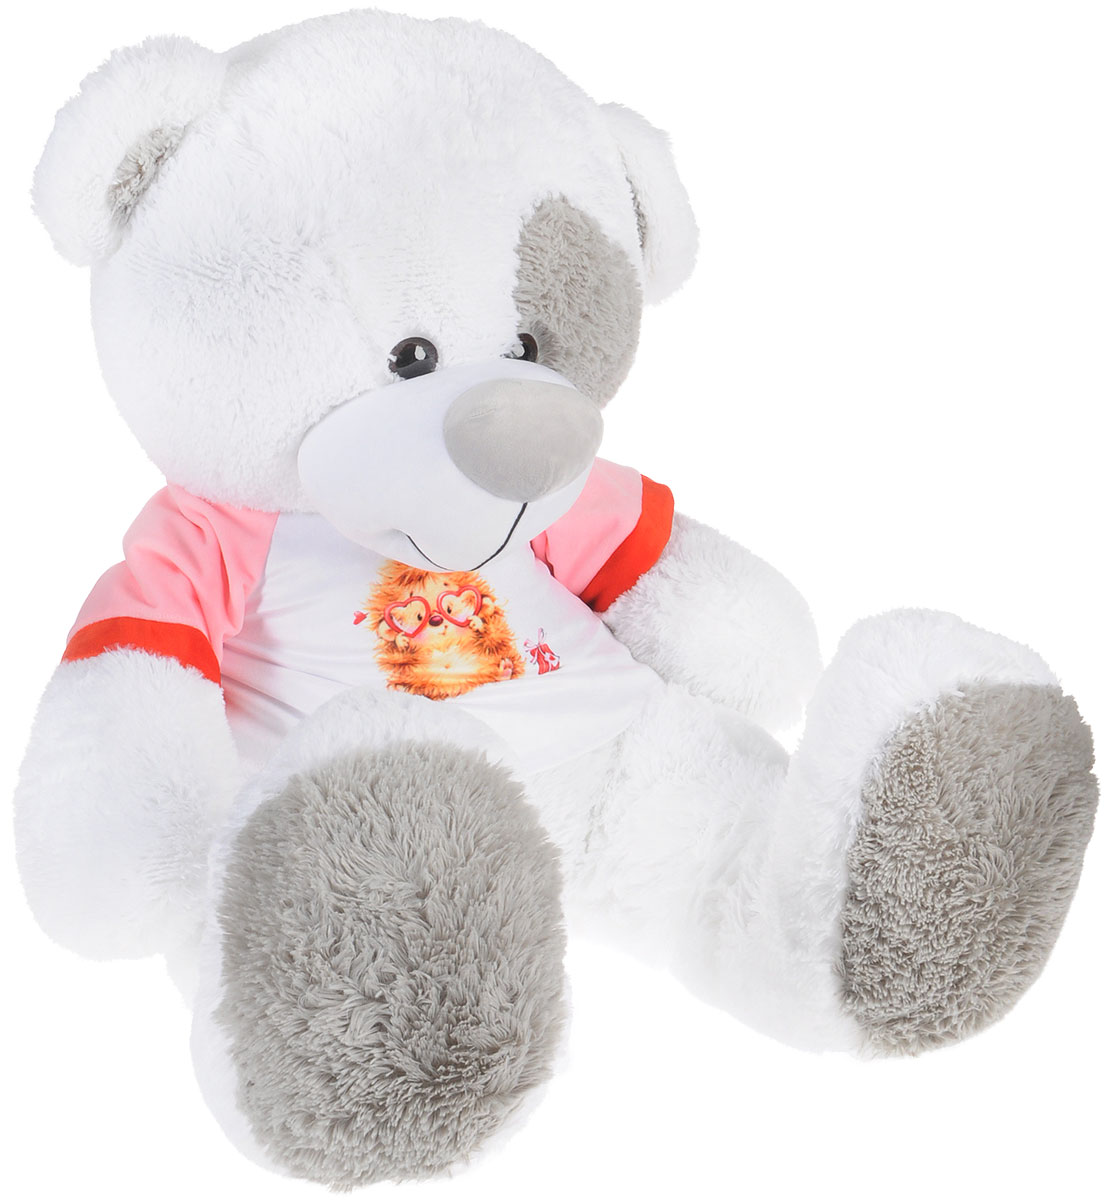 СмолТойс Мягкая игрушка Медвежонок Тишка 75 см